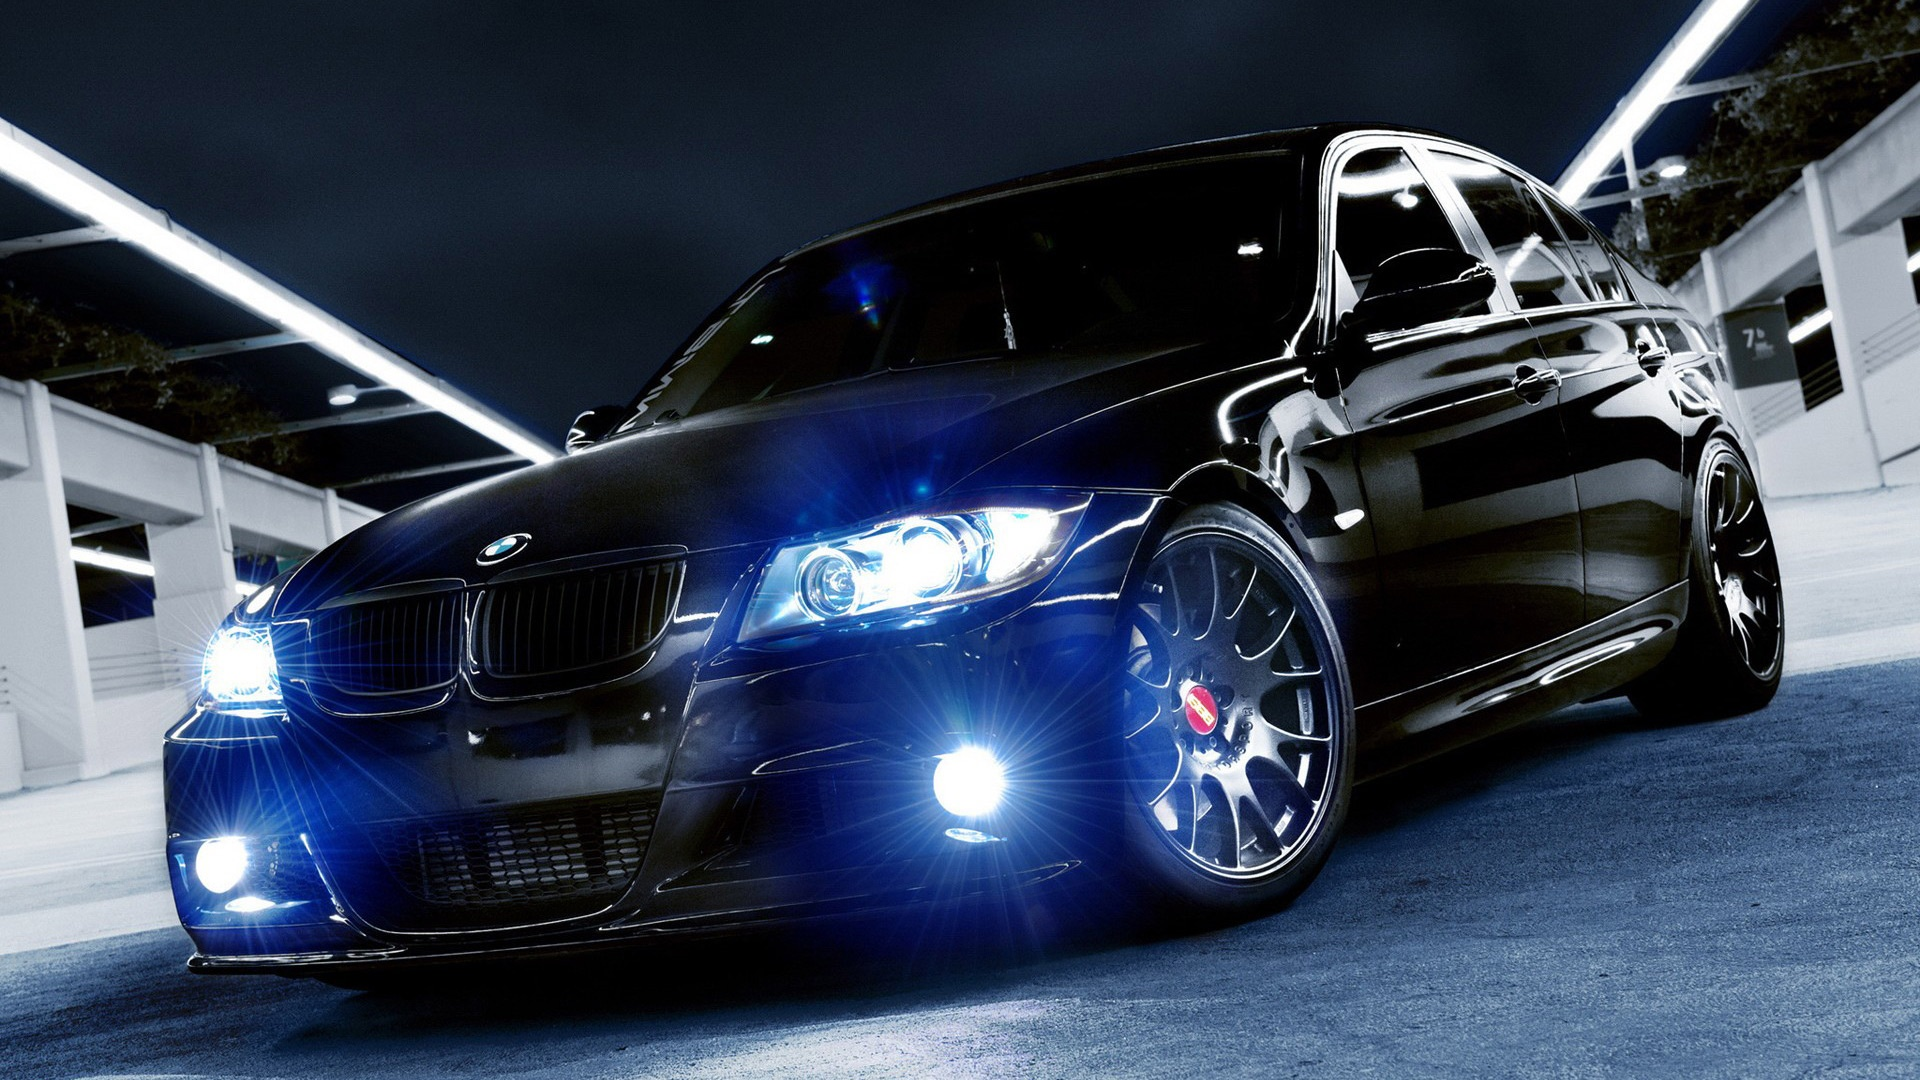 BMW Wallpaper